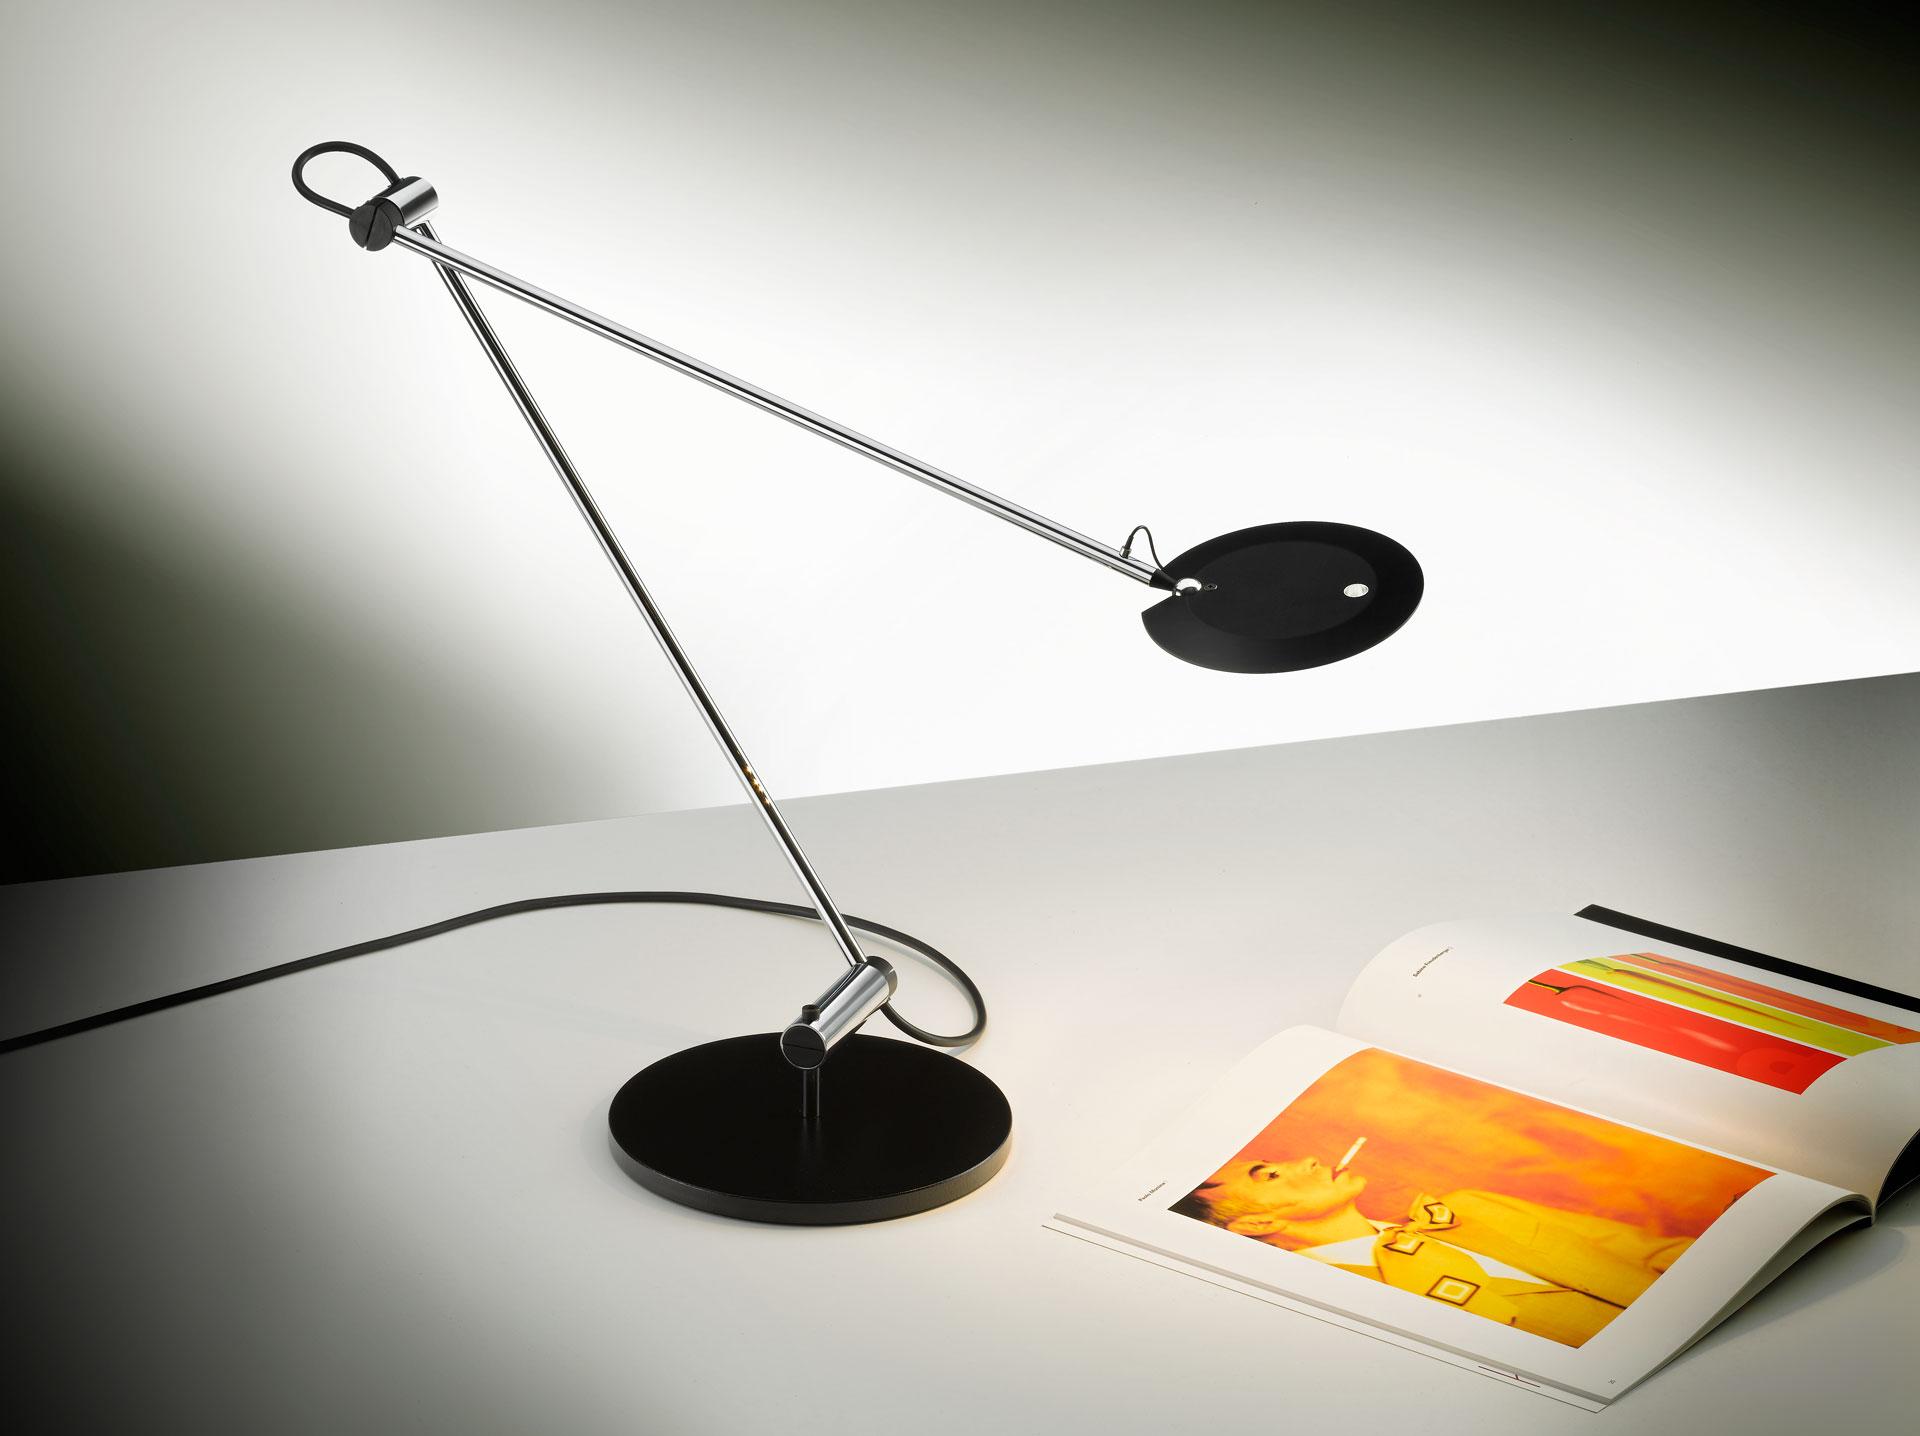 Tischleuchte PINA , schwarz CHF 785.00 LED Auch erhältlich in Alu.